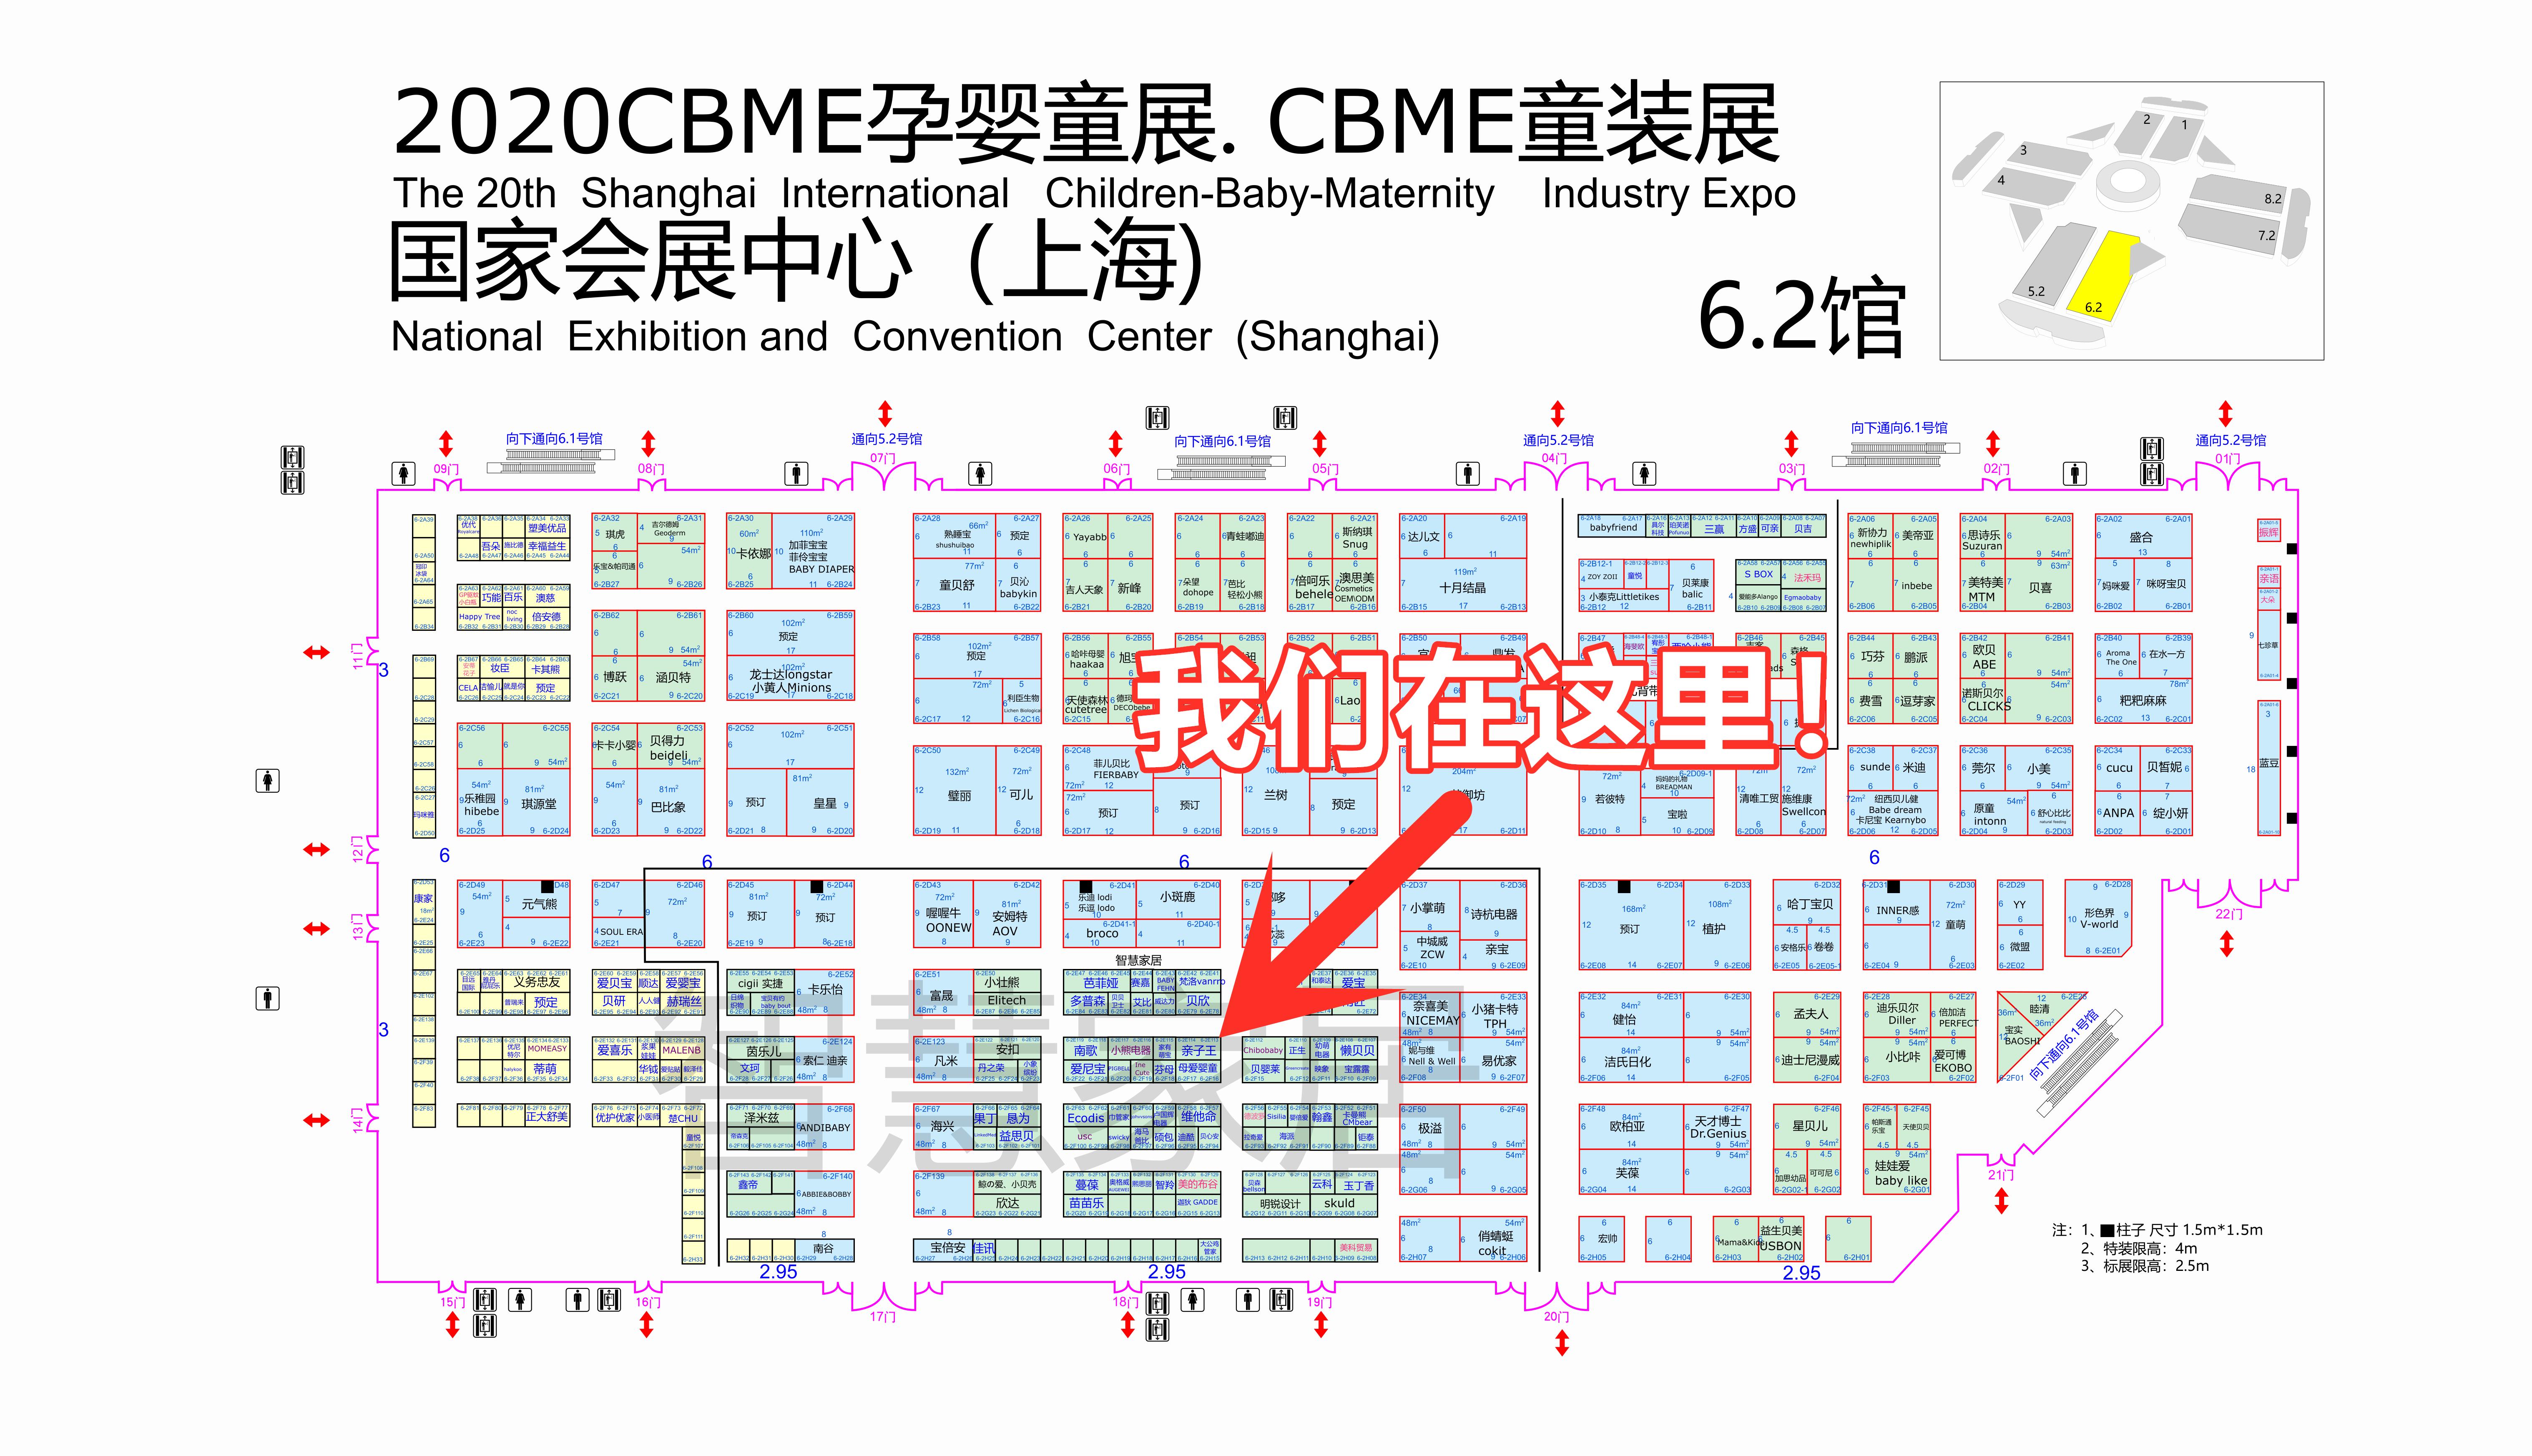 第20届CBME展会